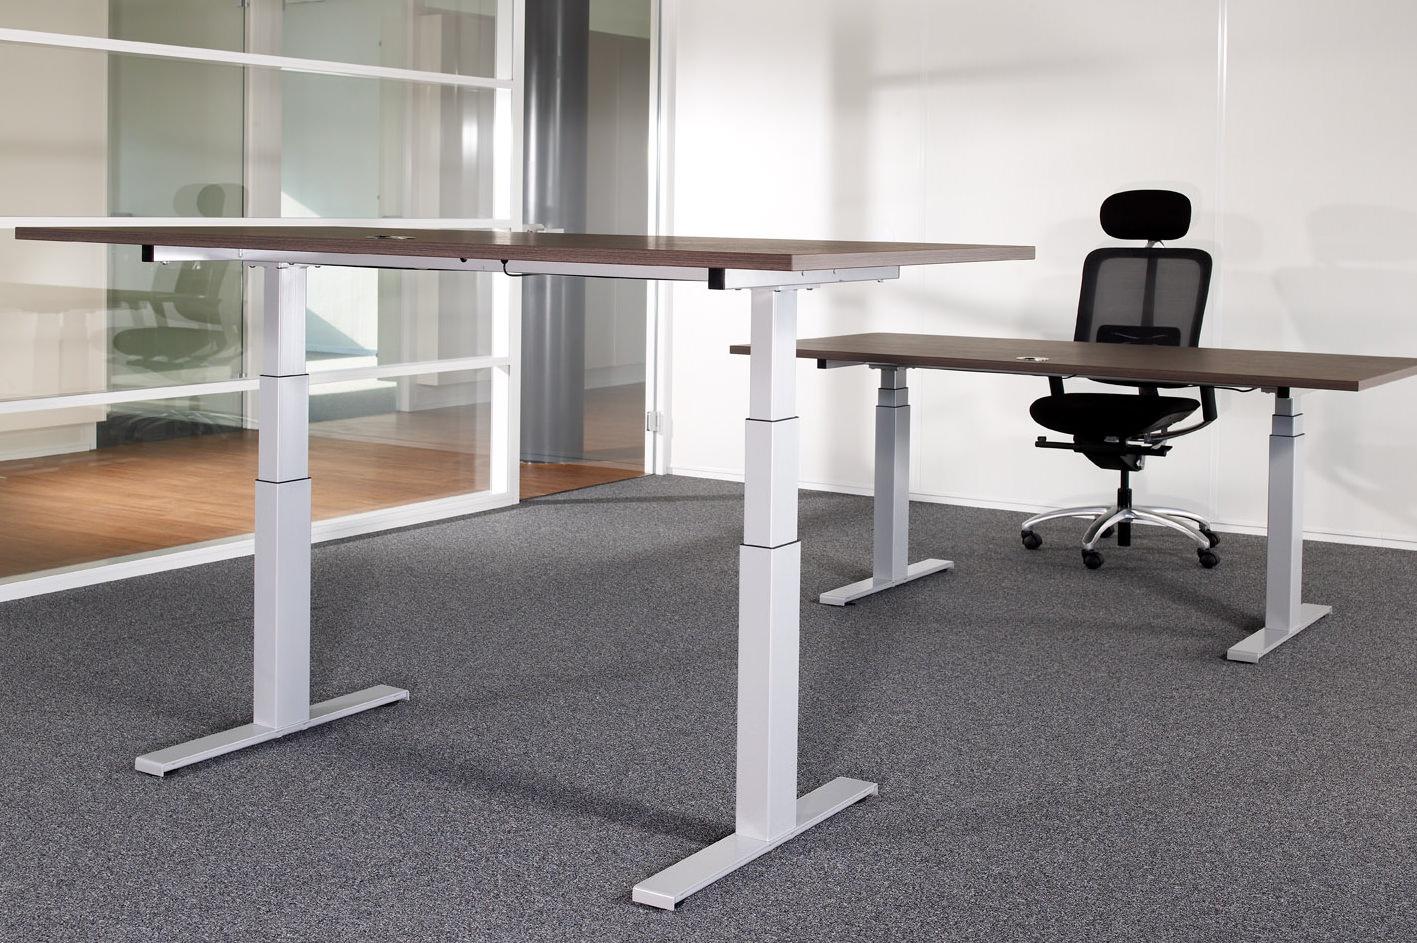 Het perfecte kantoormeubel het zit sta bureau bisk blog for Bureau zit sta